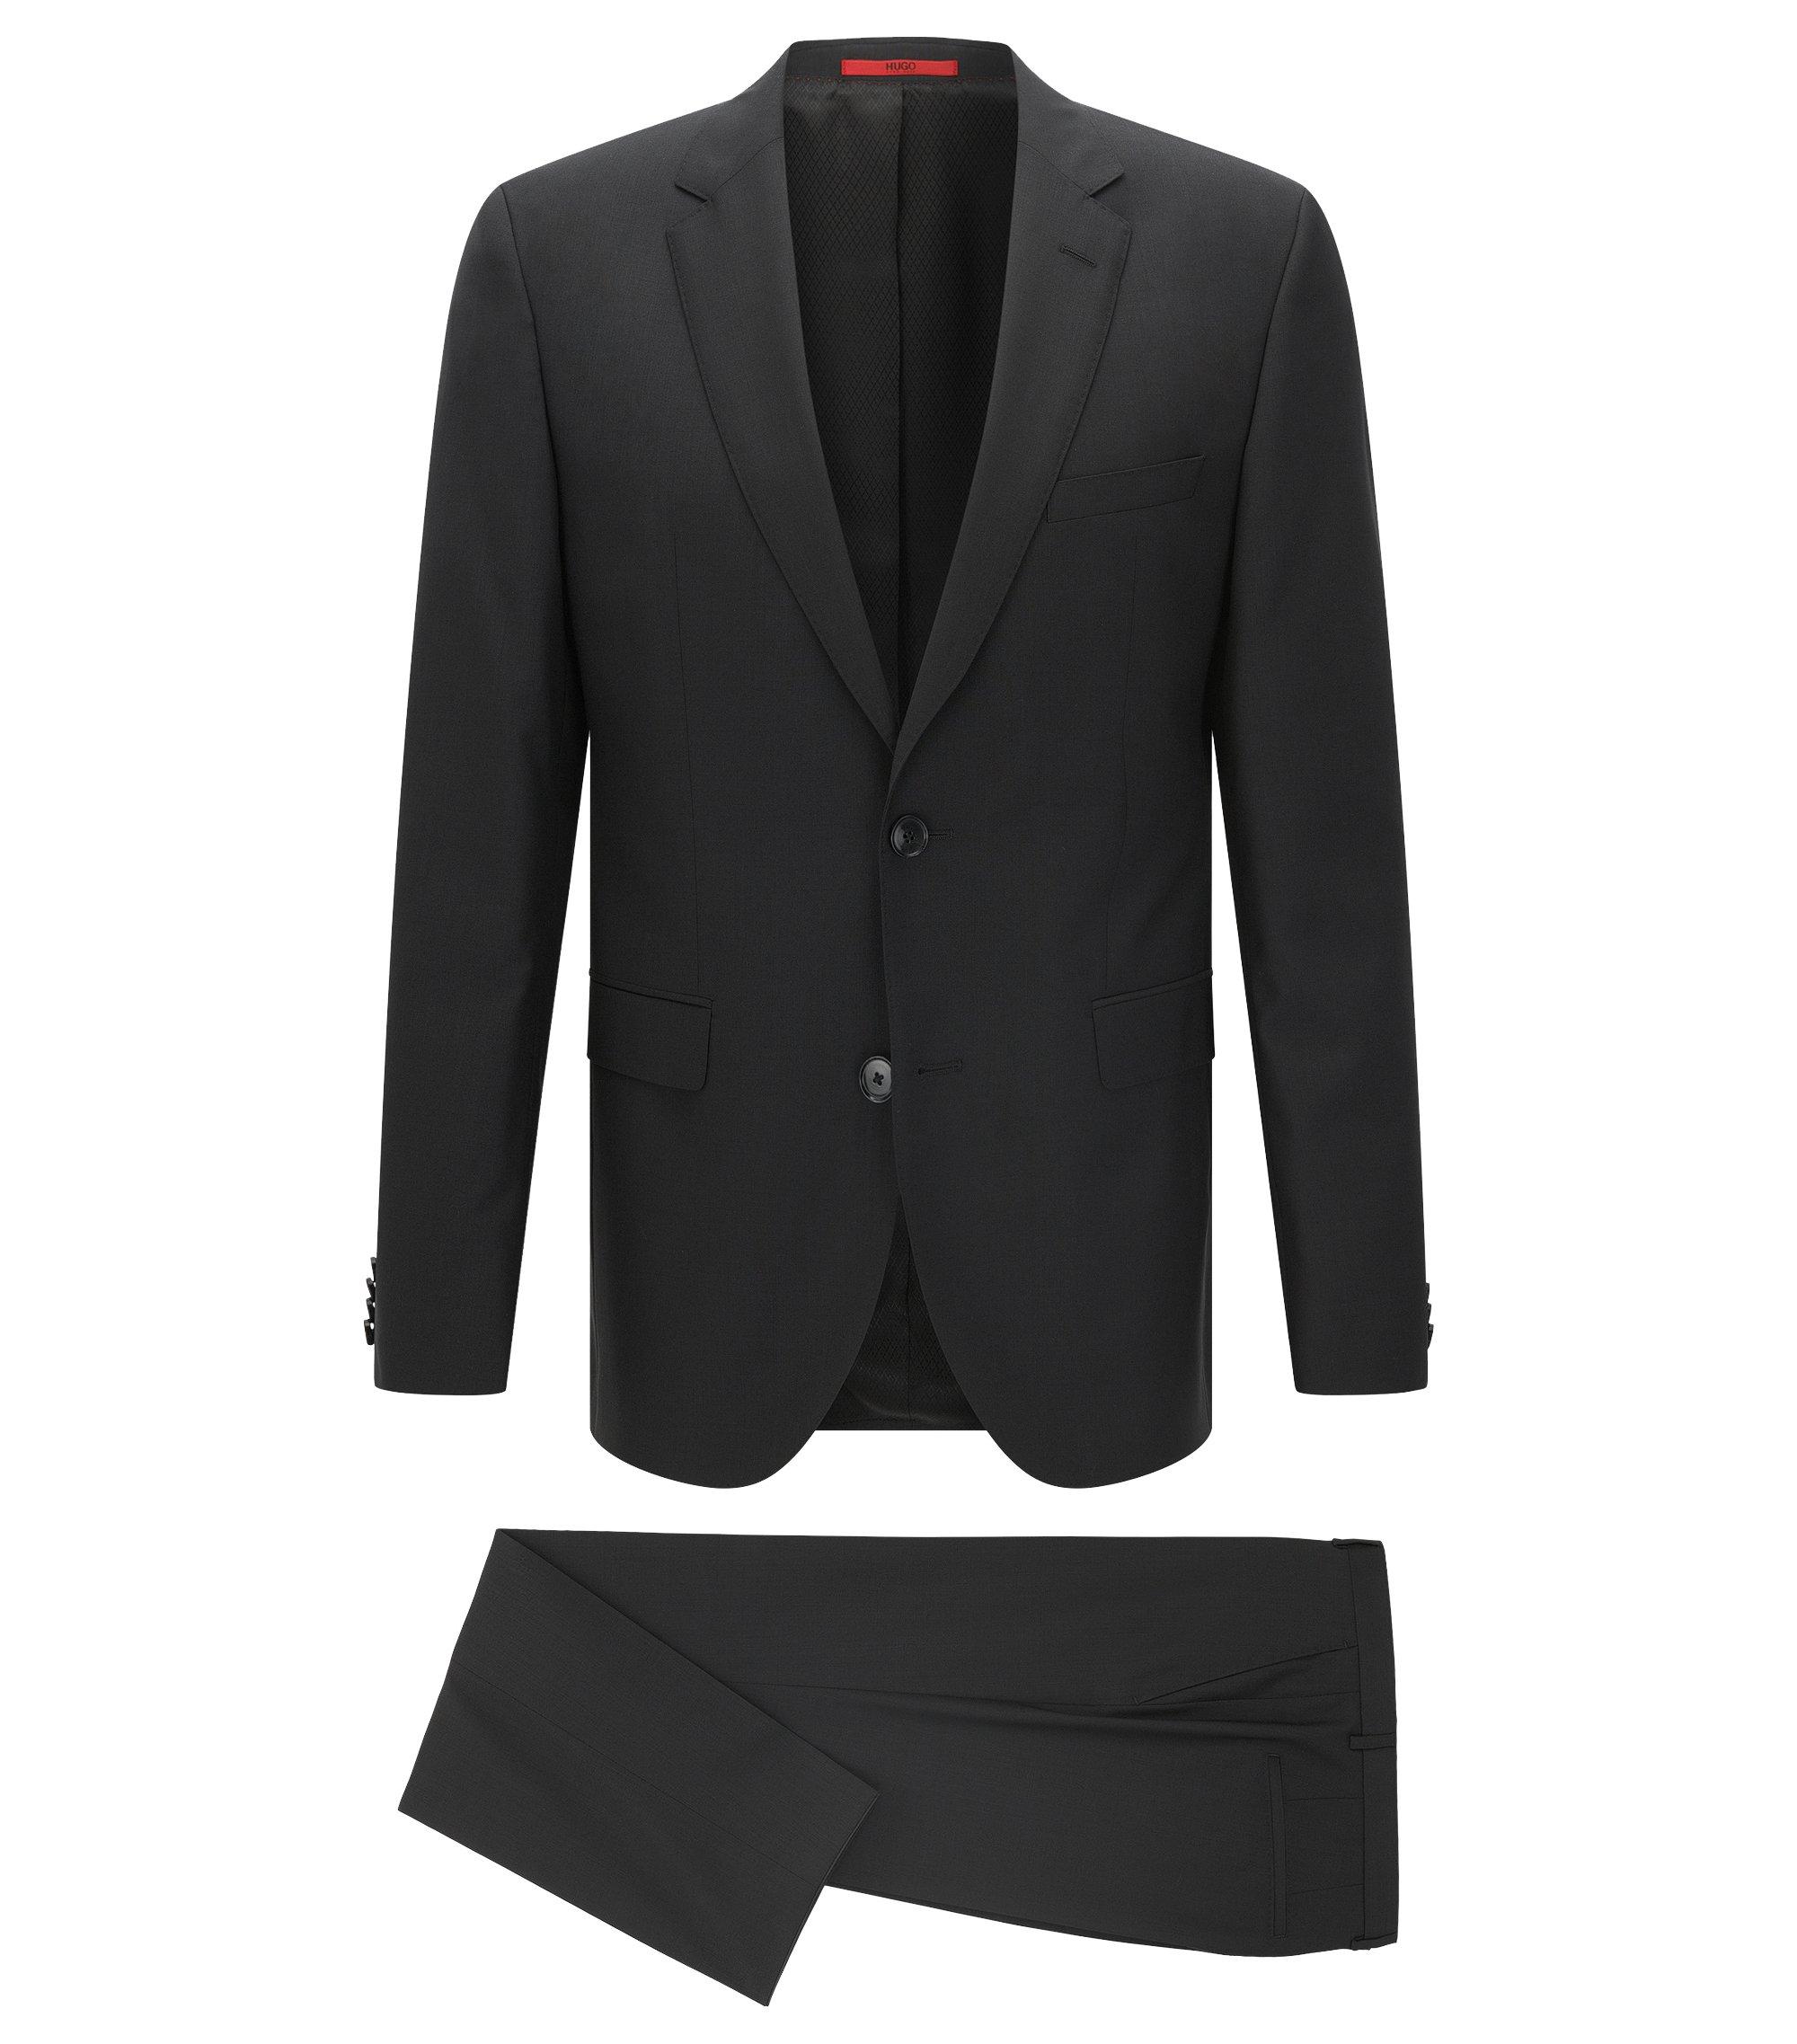 Virgin Wool Suit, Slim Fit | C-Jeffrey/C-Simmons, Black